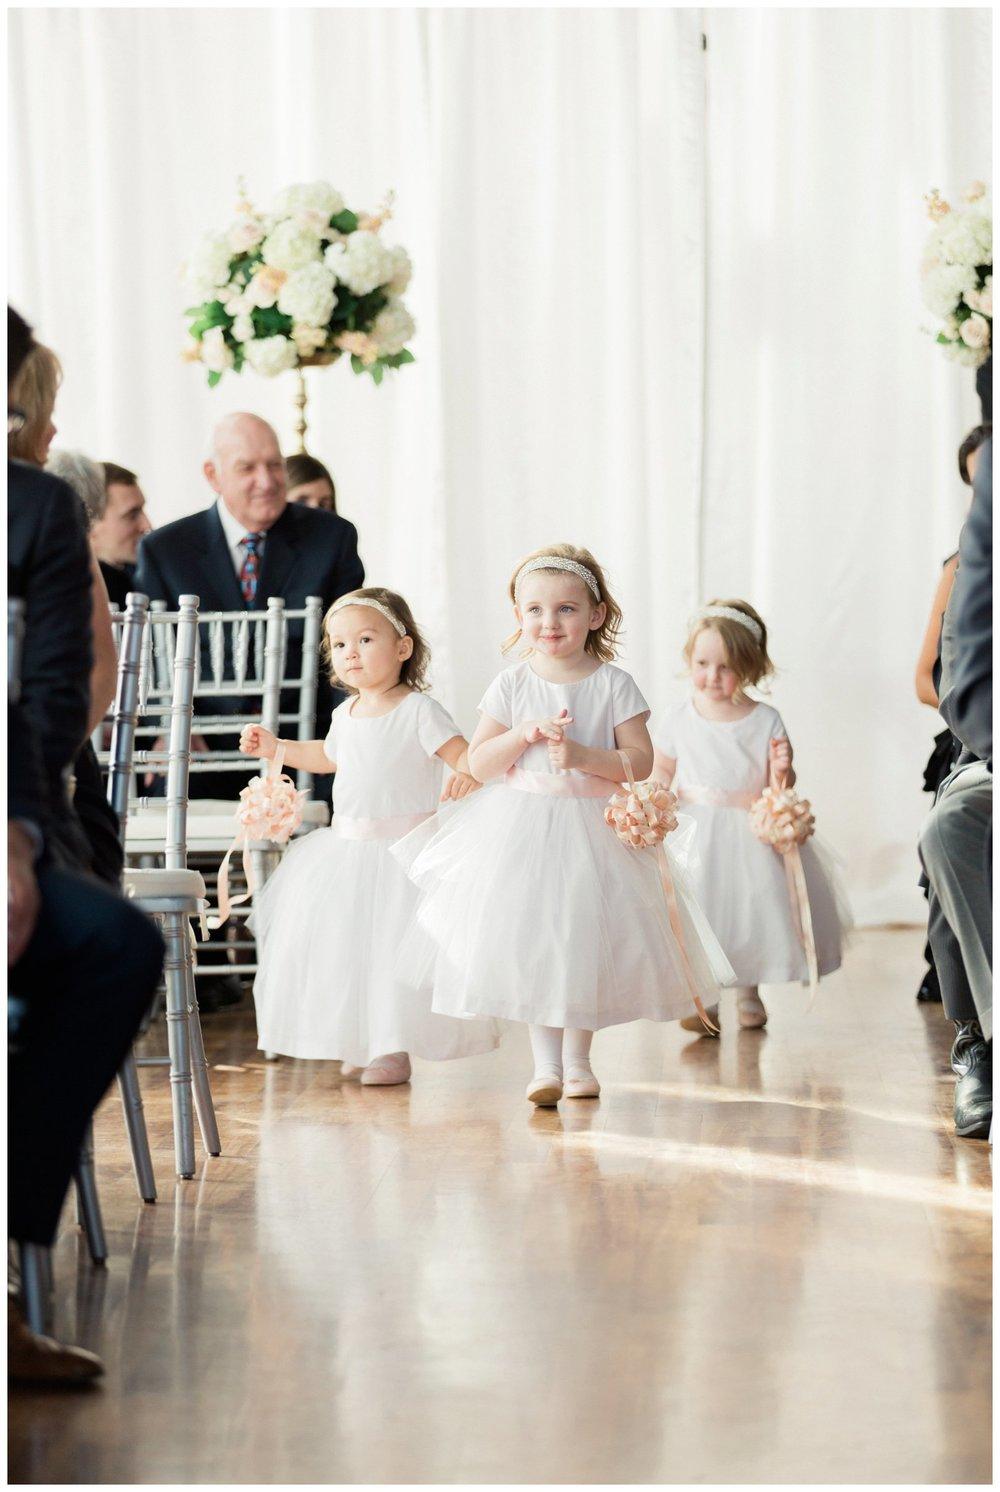 lauren muckler photography_fine art film wedding photography_st louis_photography_1402.jpg